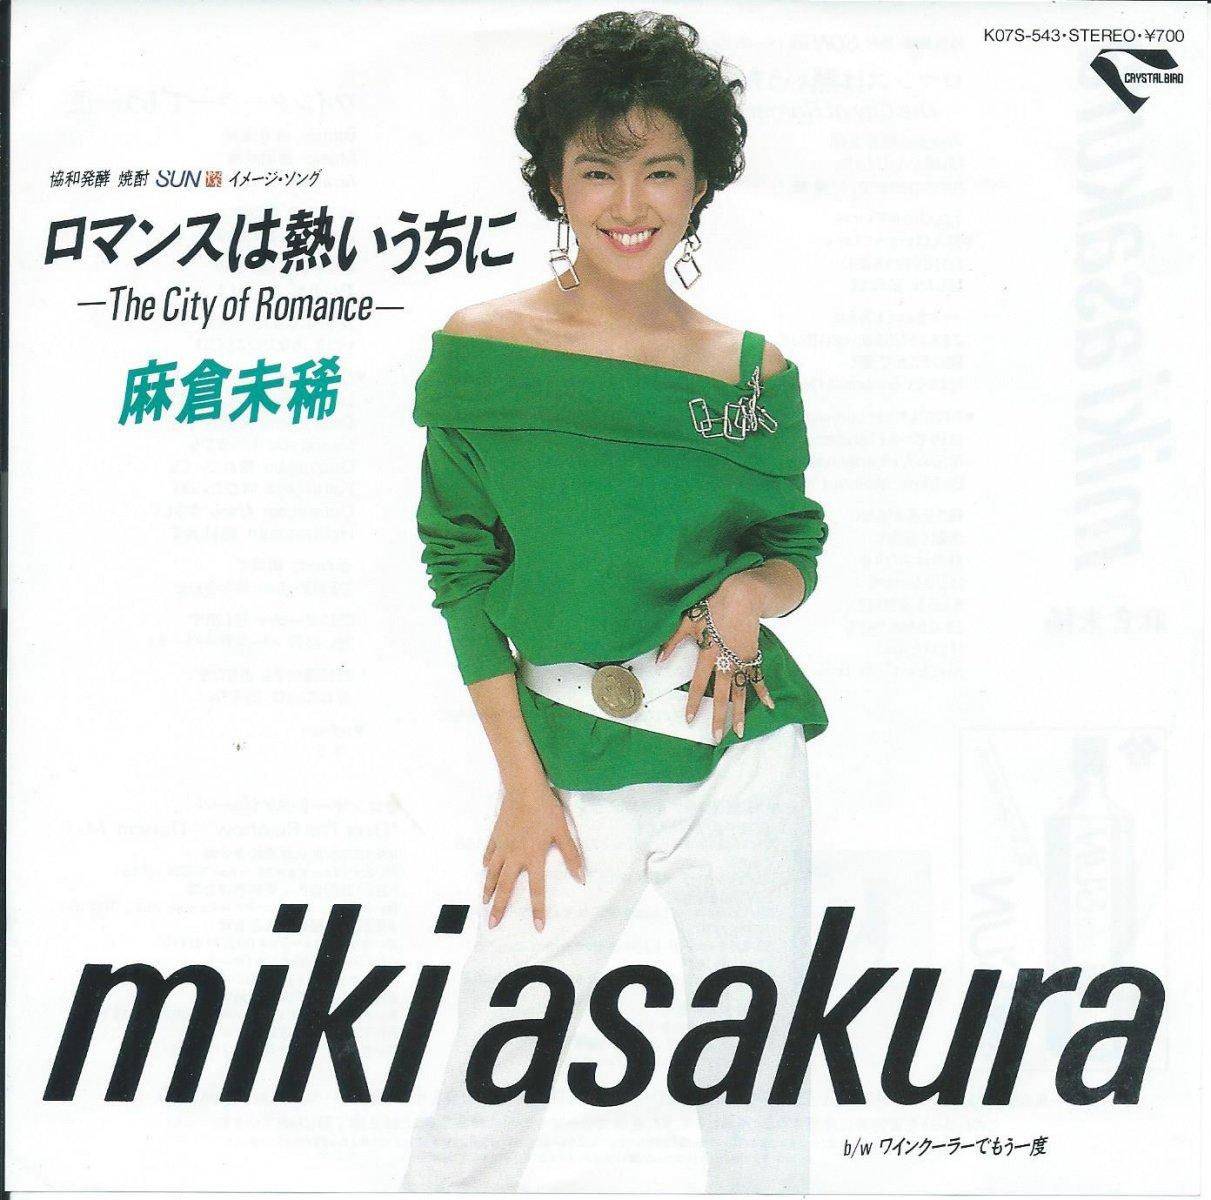 麻倉未稀 MIKI ASAKURA / ロマンスは熱いうちに -THE CITY OF ROMANCE- (7